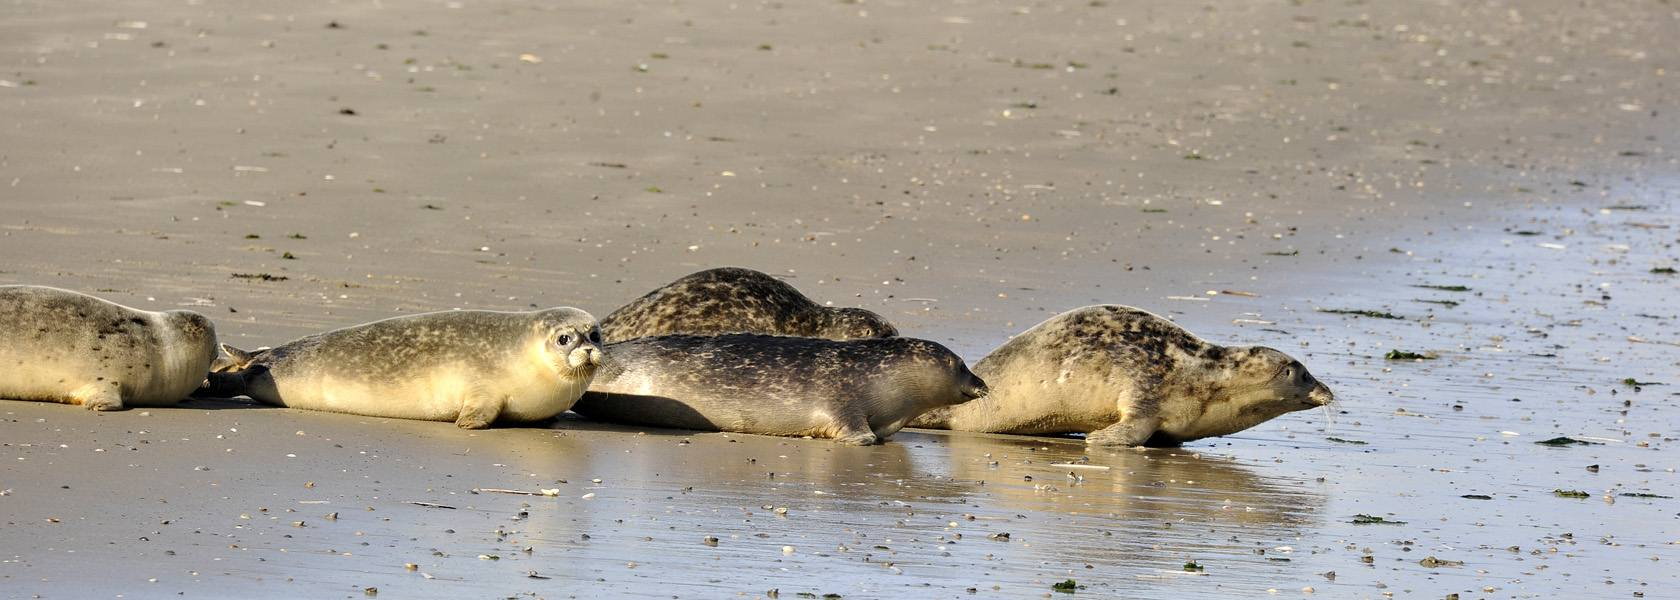 Seehunde auf der Sandbank, © Beate Ulich / Die Nordsee GmbH